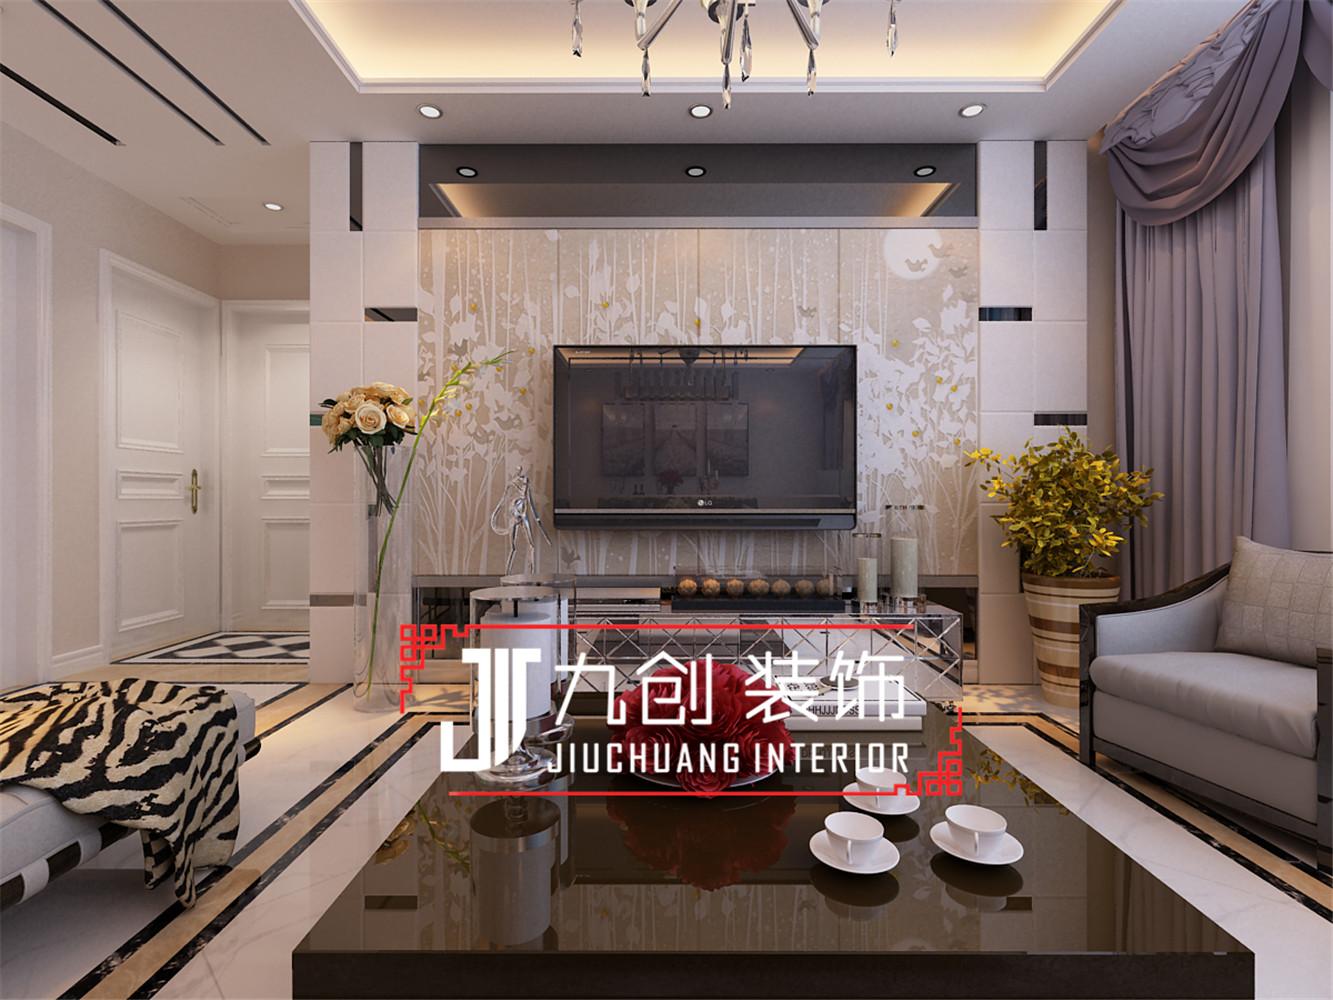 简约 三居 西吴御龙庭 客厅图片来自昆明九创装饰温舒德在西吴御龙庭101㎡简欧设计的分享